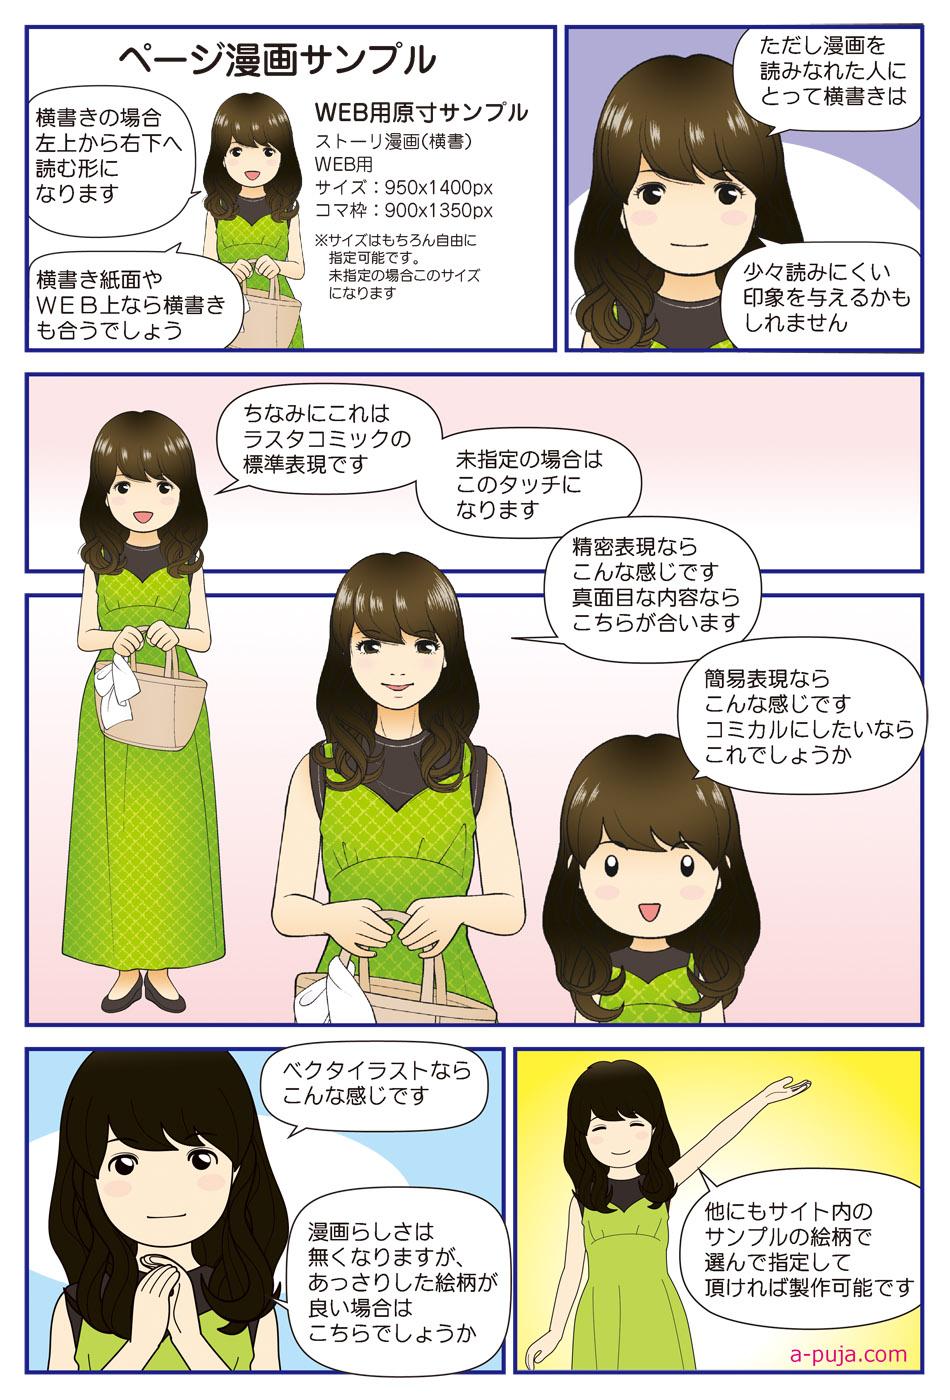 ページ漫画 縦項-横書 WEB用サンプル(JPG)_0222